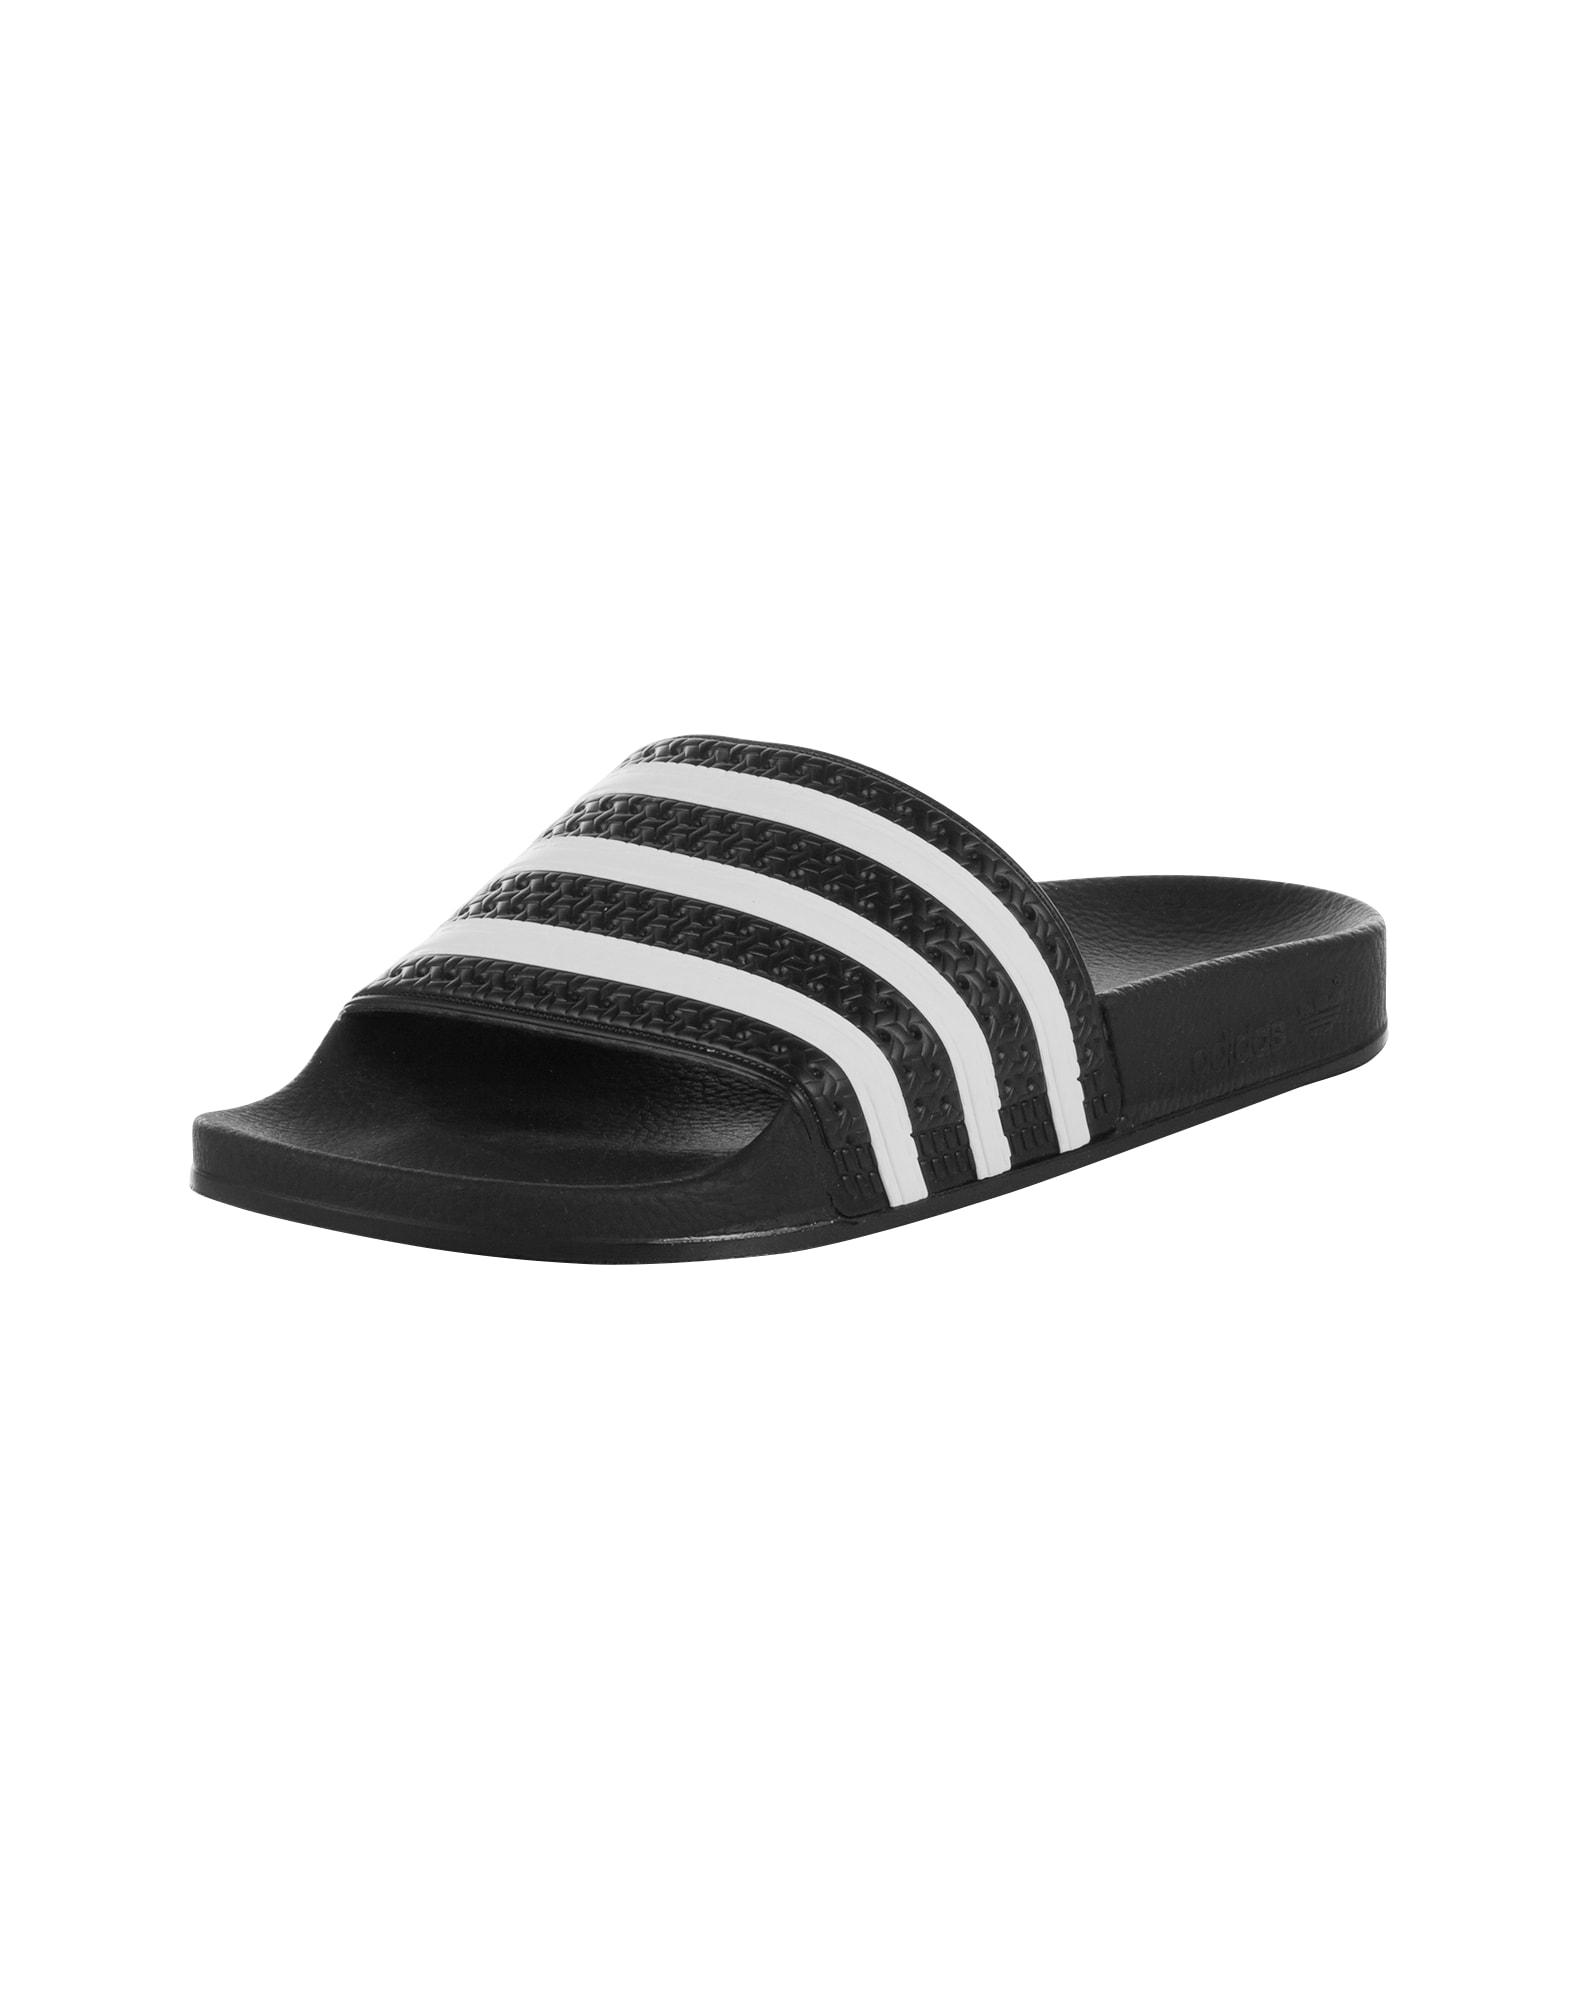 Pantofle Adilette černá bílá ADIDAS ORIGINALS